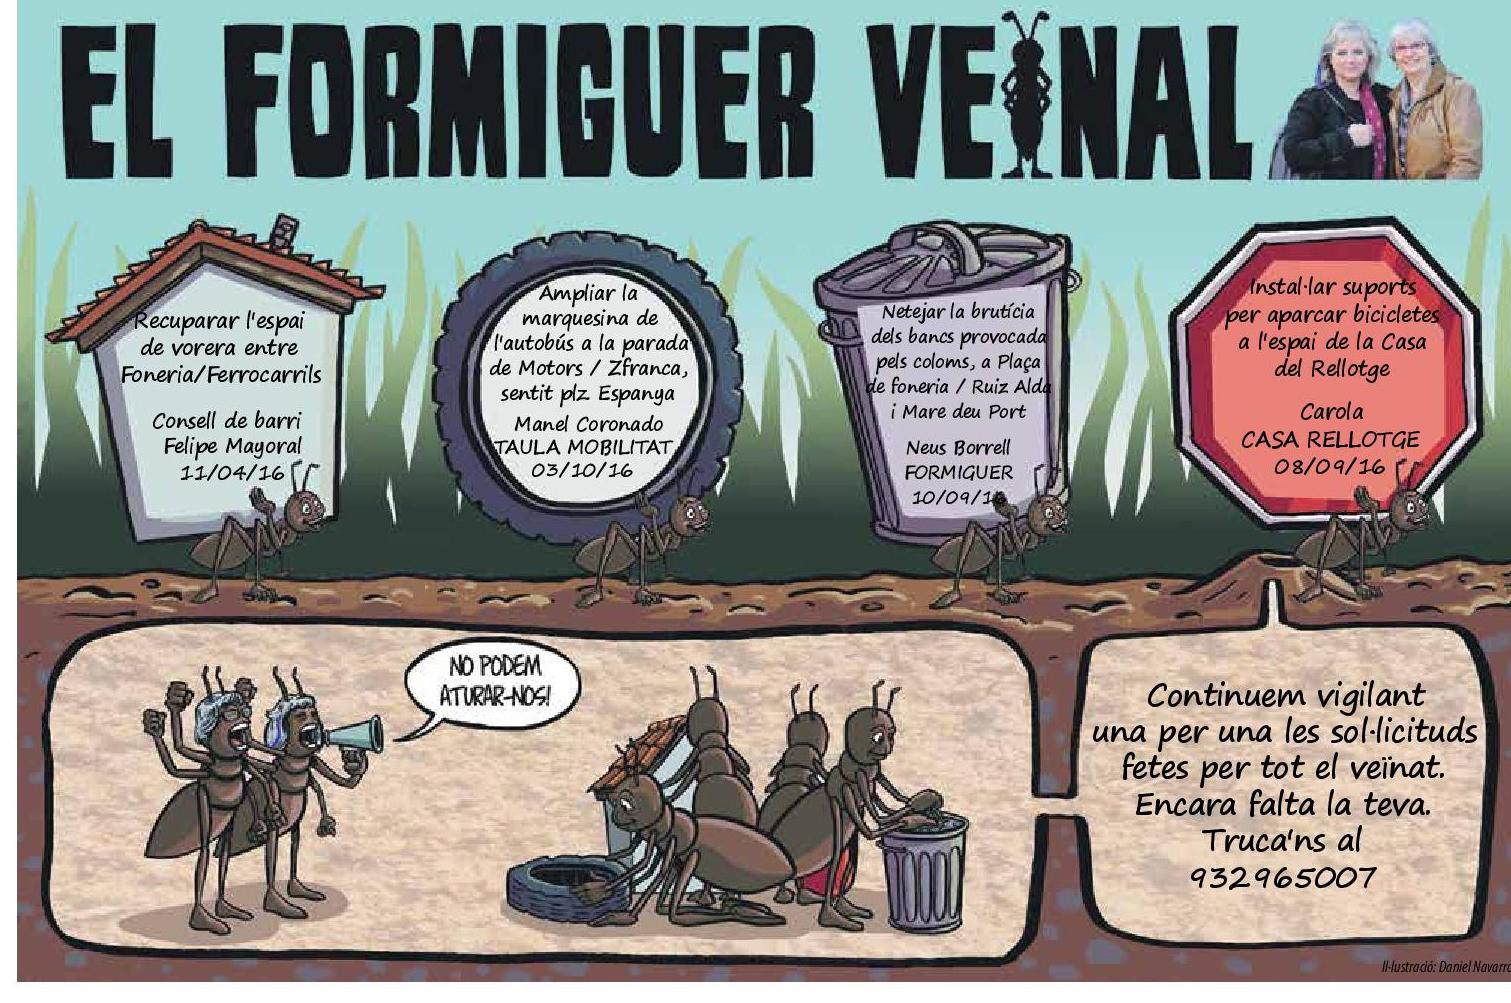 la-marina-desembre-formiguer-veinal-16-web-page-009